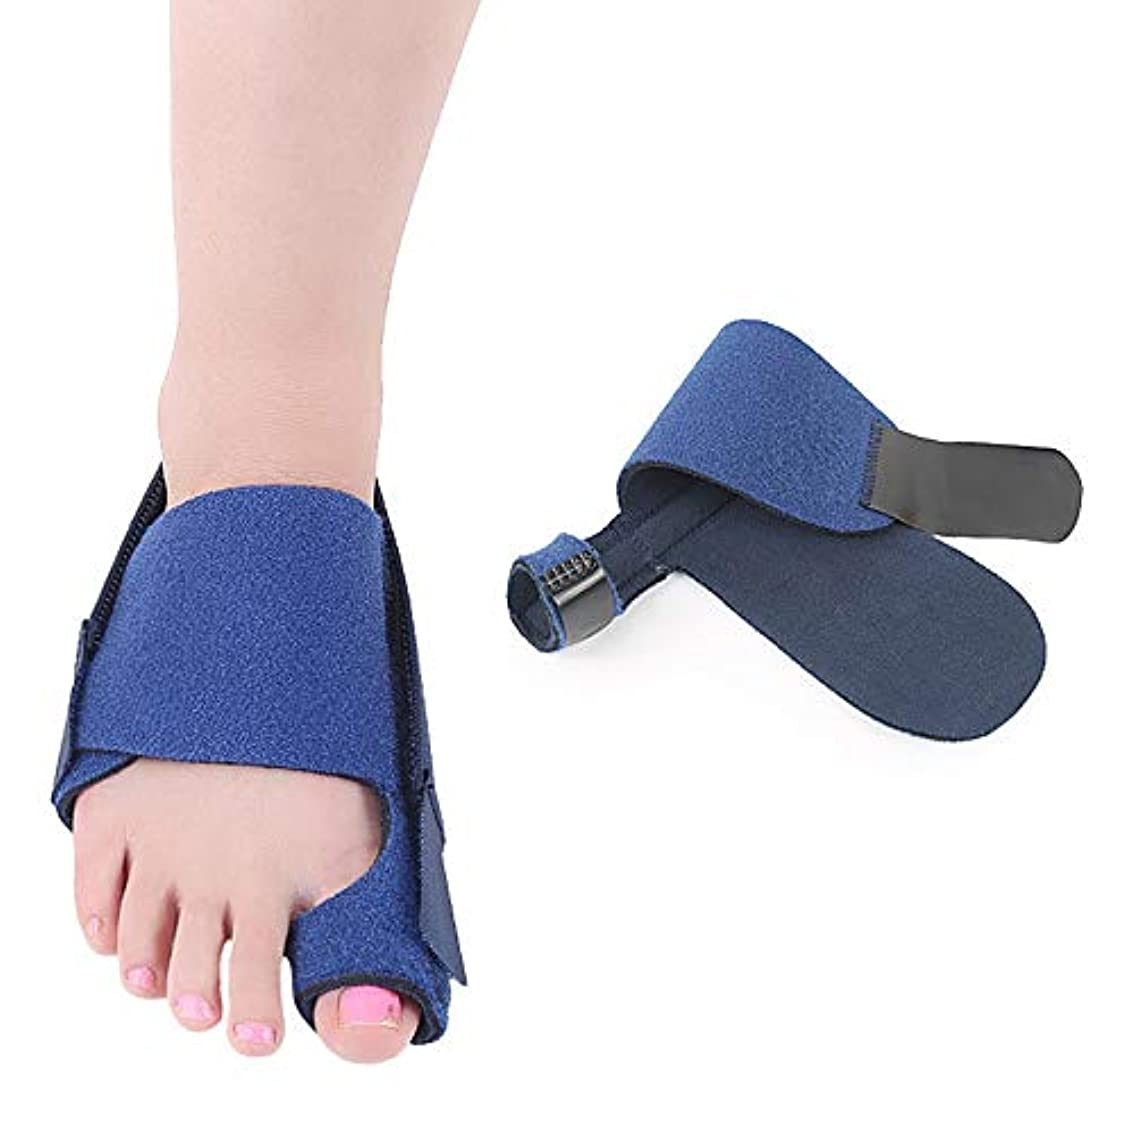 スリチンモイ空港雄弁外反母趾足指セパレーターは足指重複嚢胞通気性吸収汗ワンサイズを防止し、ヨガ後の痛みと変形を軽減,RightFoot